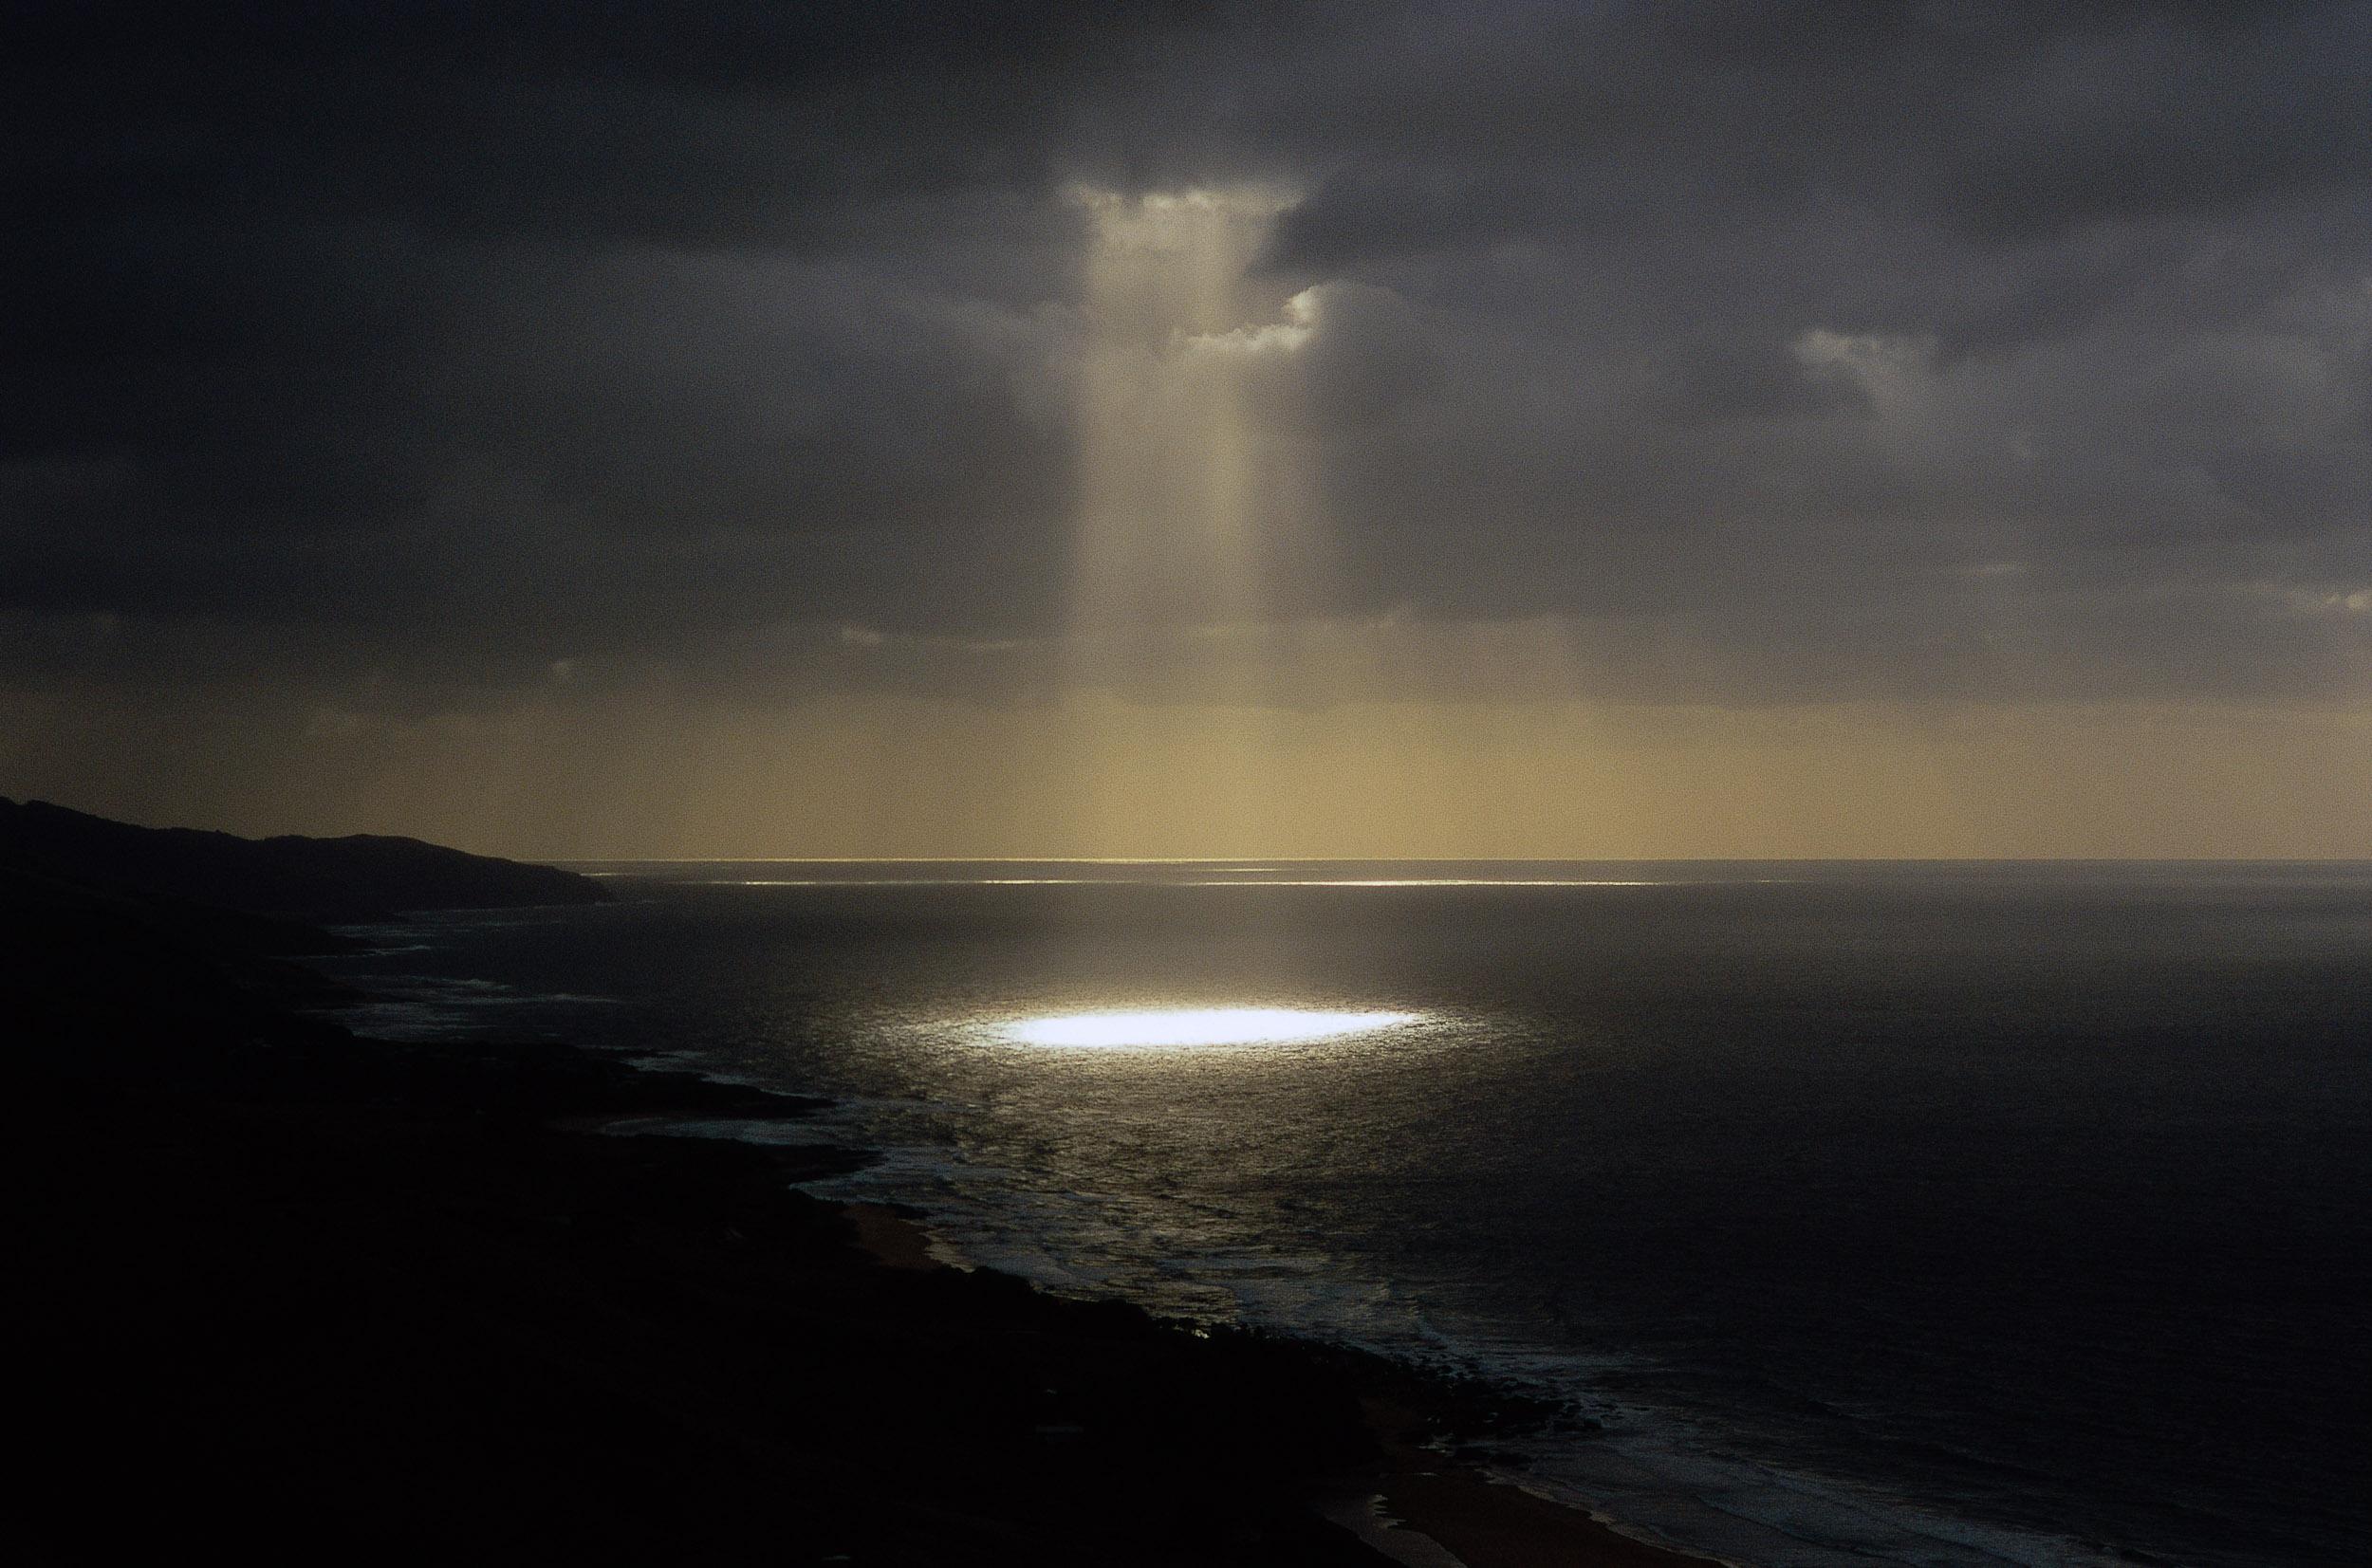 God rays  illuminate the sea under a dark, stormy sky near  Apollo Bay , along Australia's Great Ocean Road.